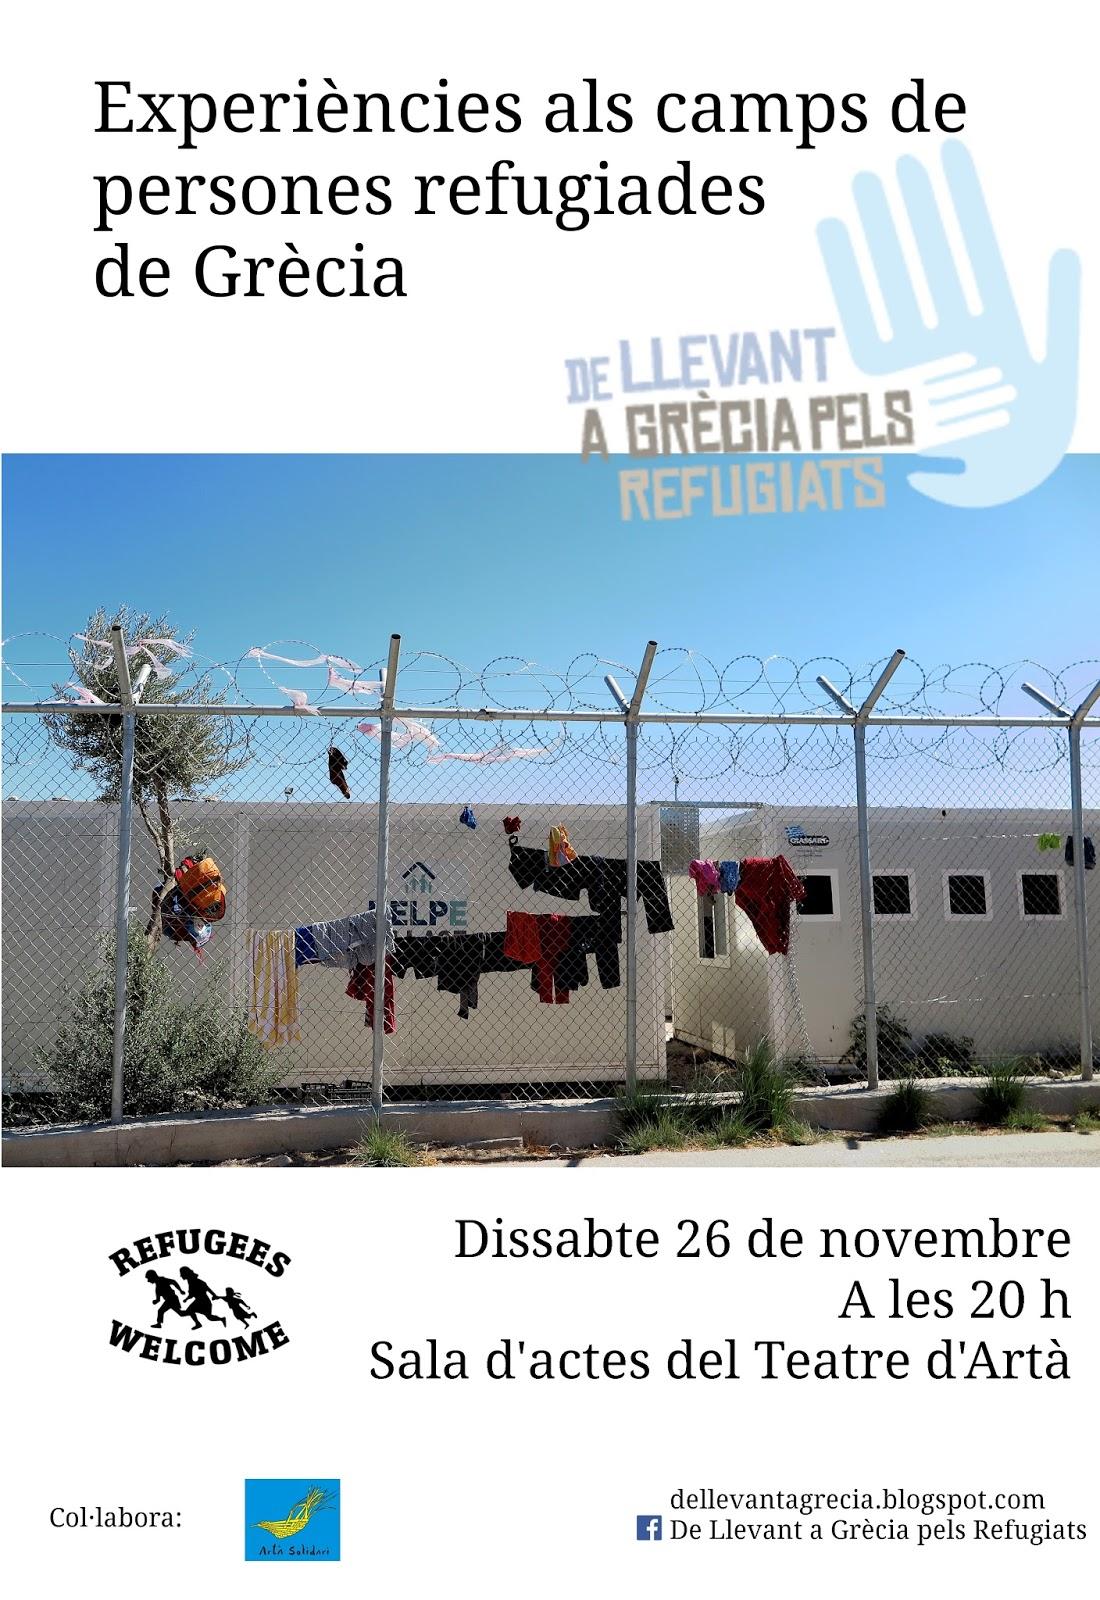 Experiències als camps de persones refugiades de Grècia (26-11-16)